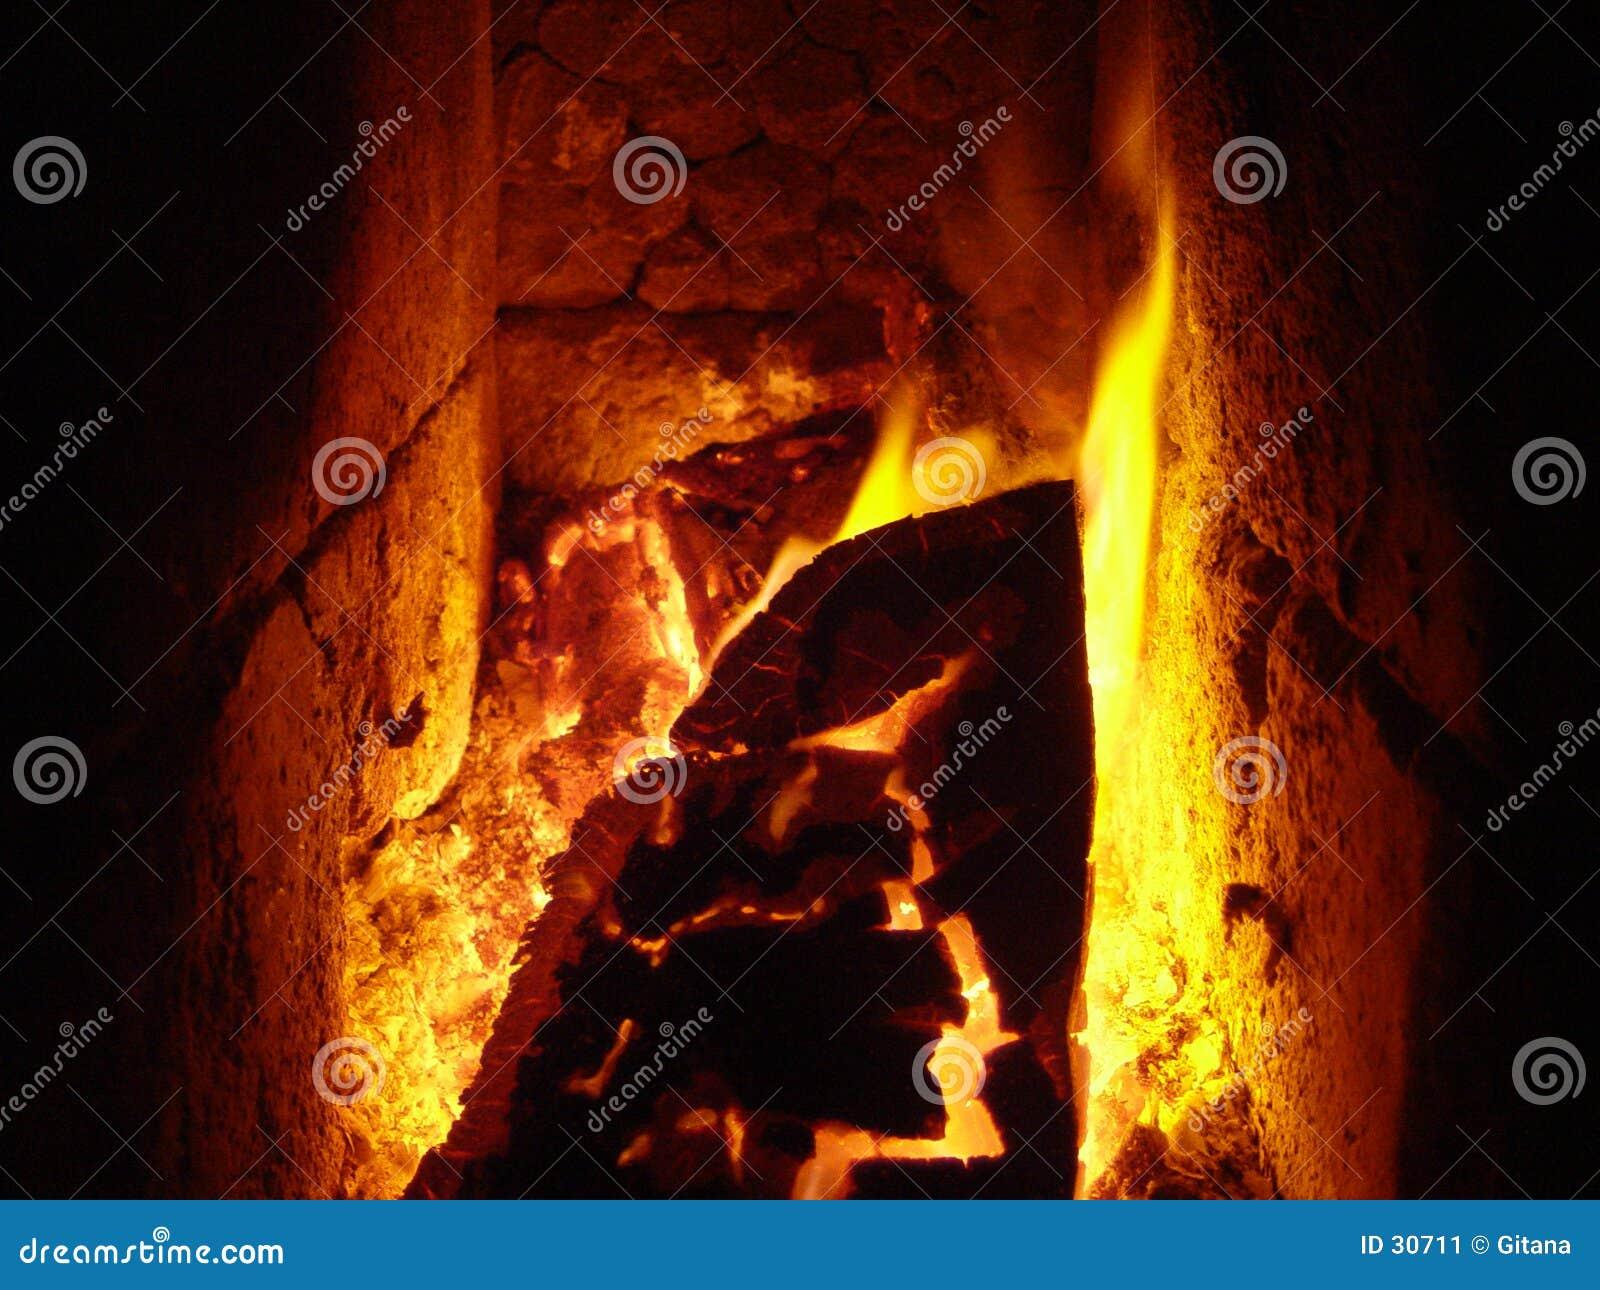 Download Fuego de la estufa imagen de archivo. Imagen de carbonize - 30711